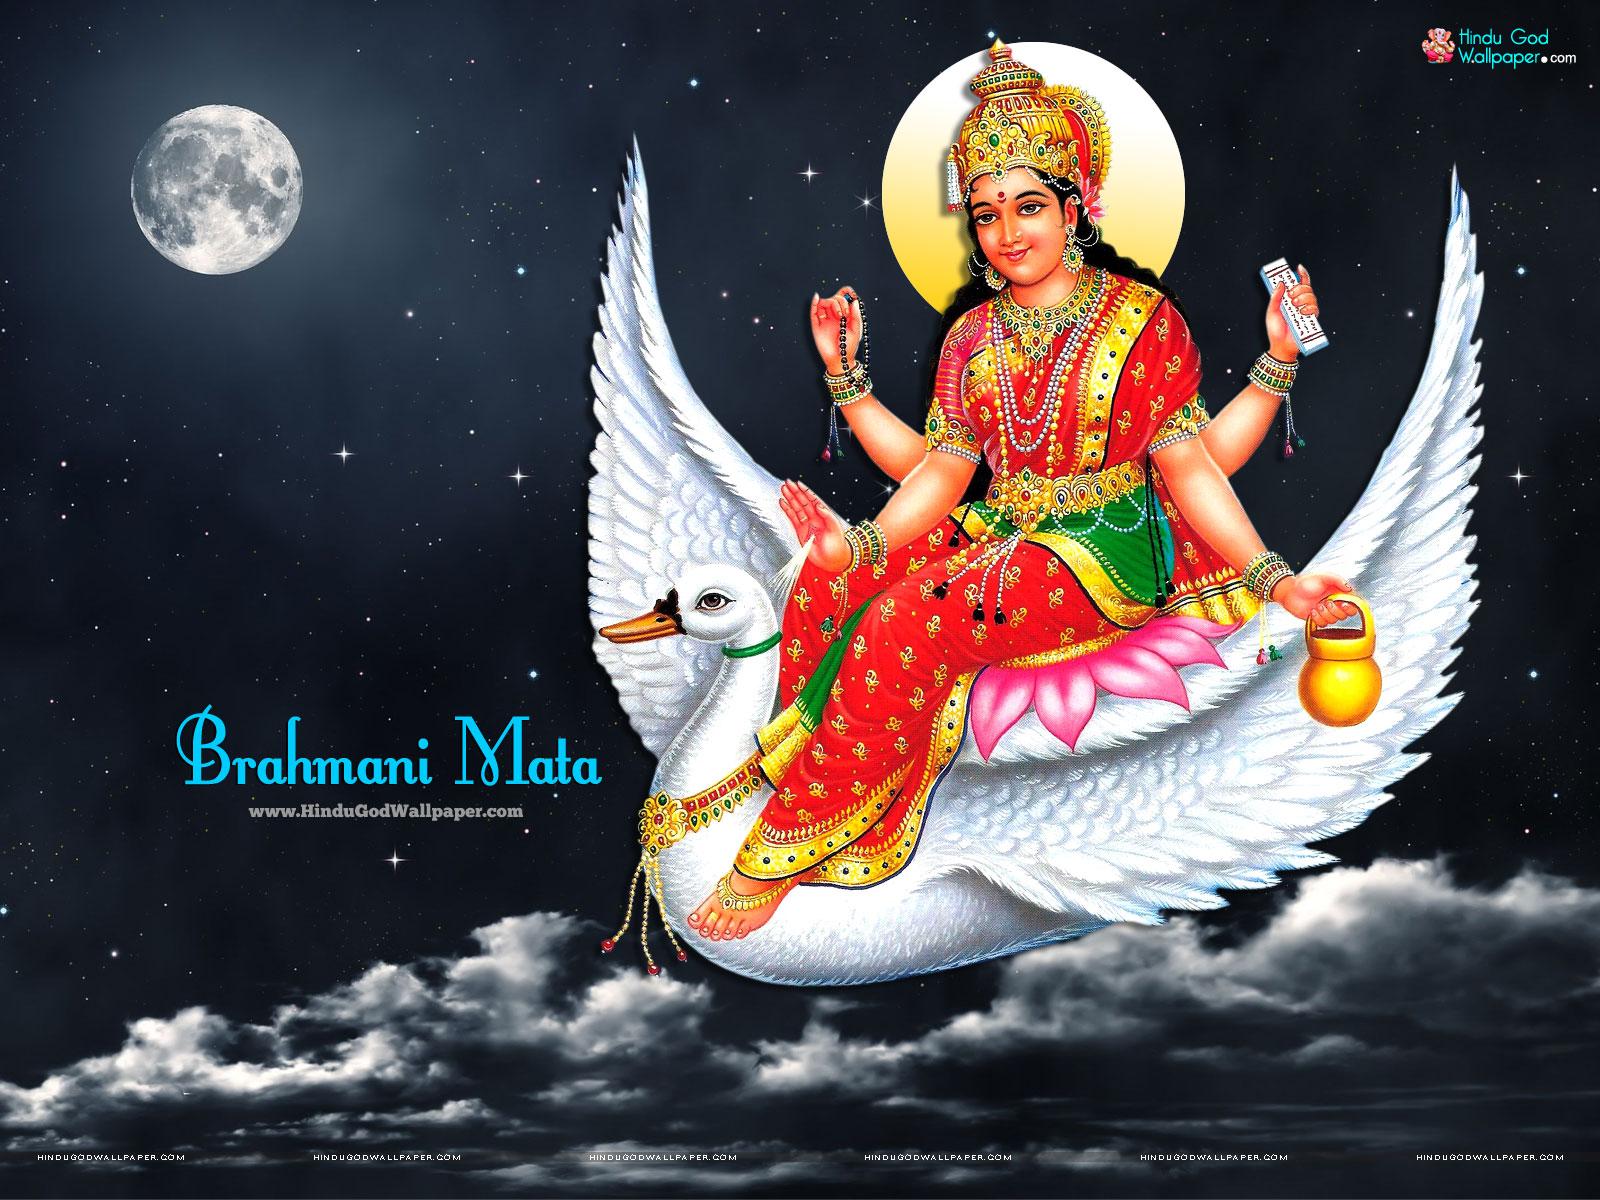 brahmani mataji full hd